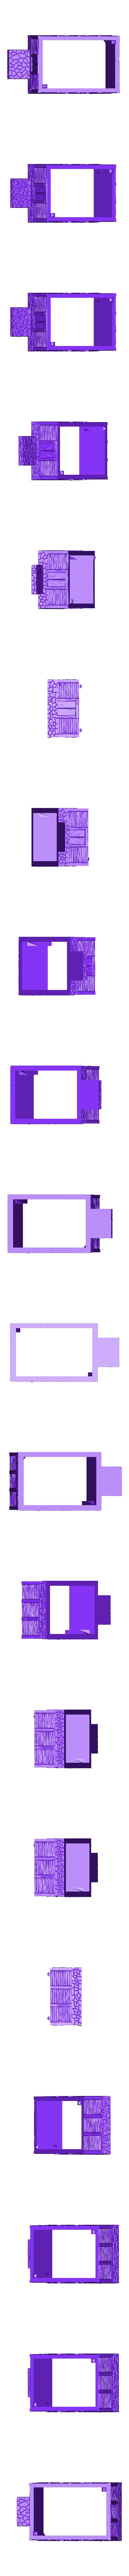 Small-House-base.stl Télécharger fichier STL gratuit Petite maison viking de fantaisie • Design à imprimer en 3D, Terrain4Print